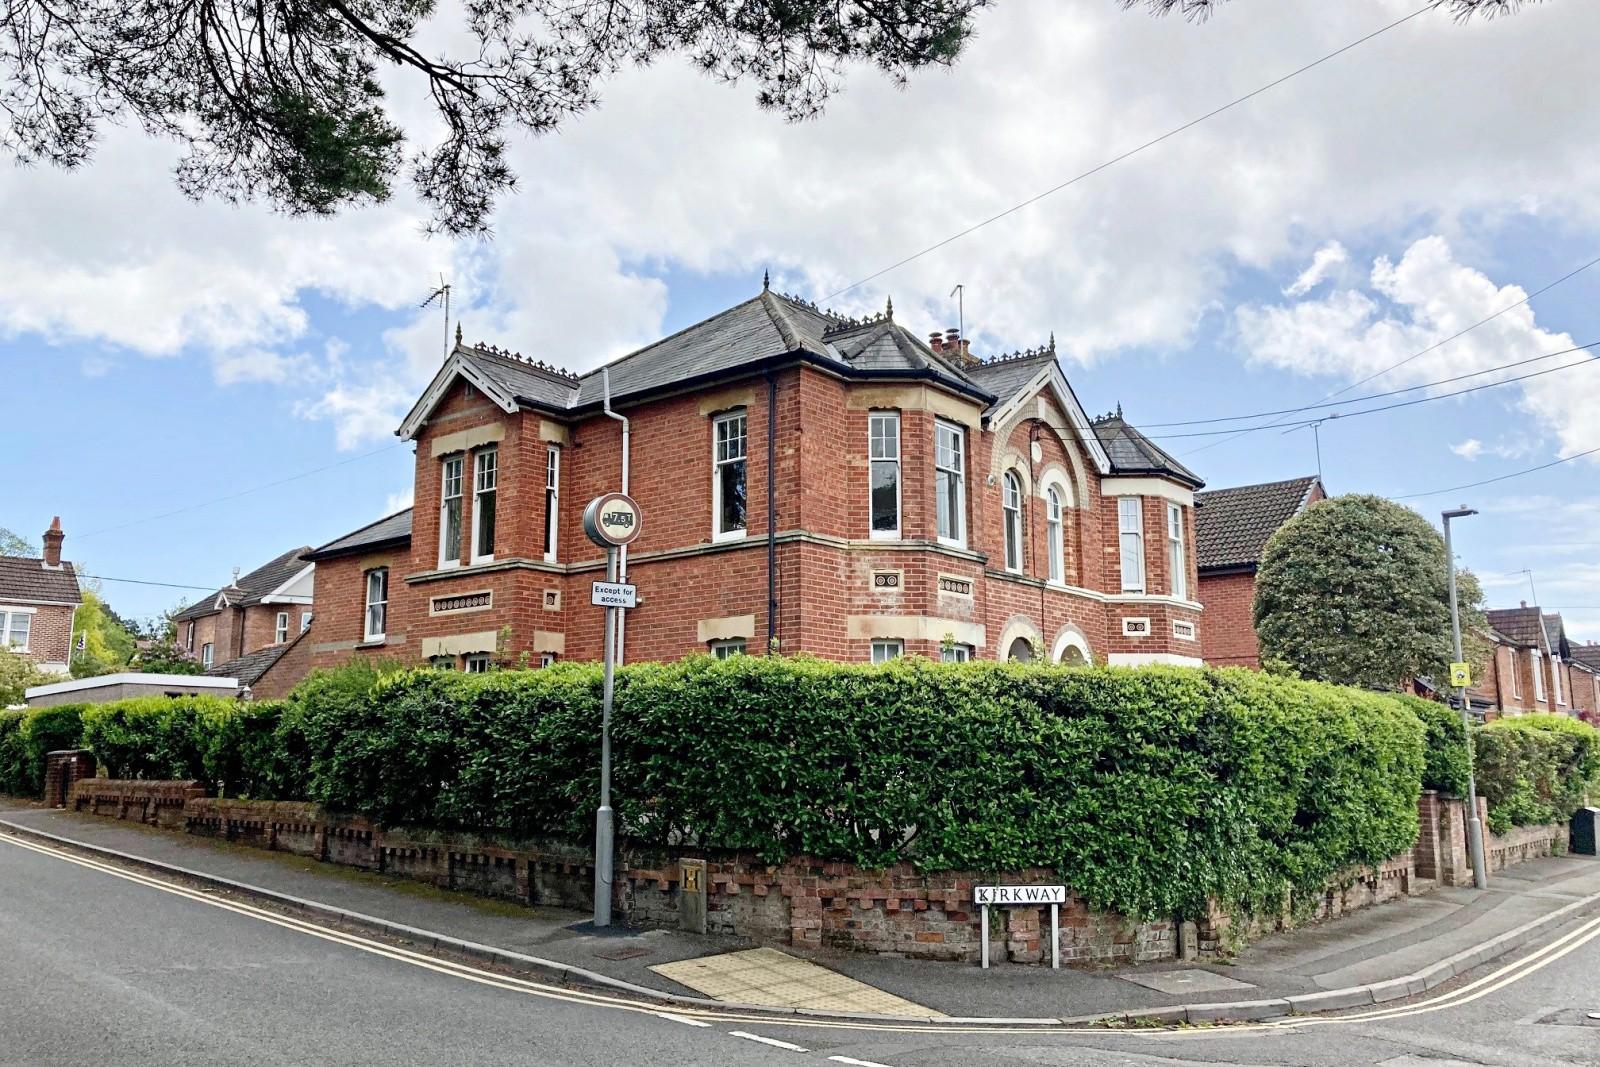 Kirkway, Broadstone